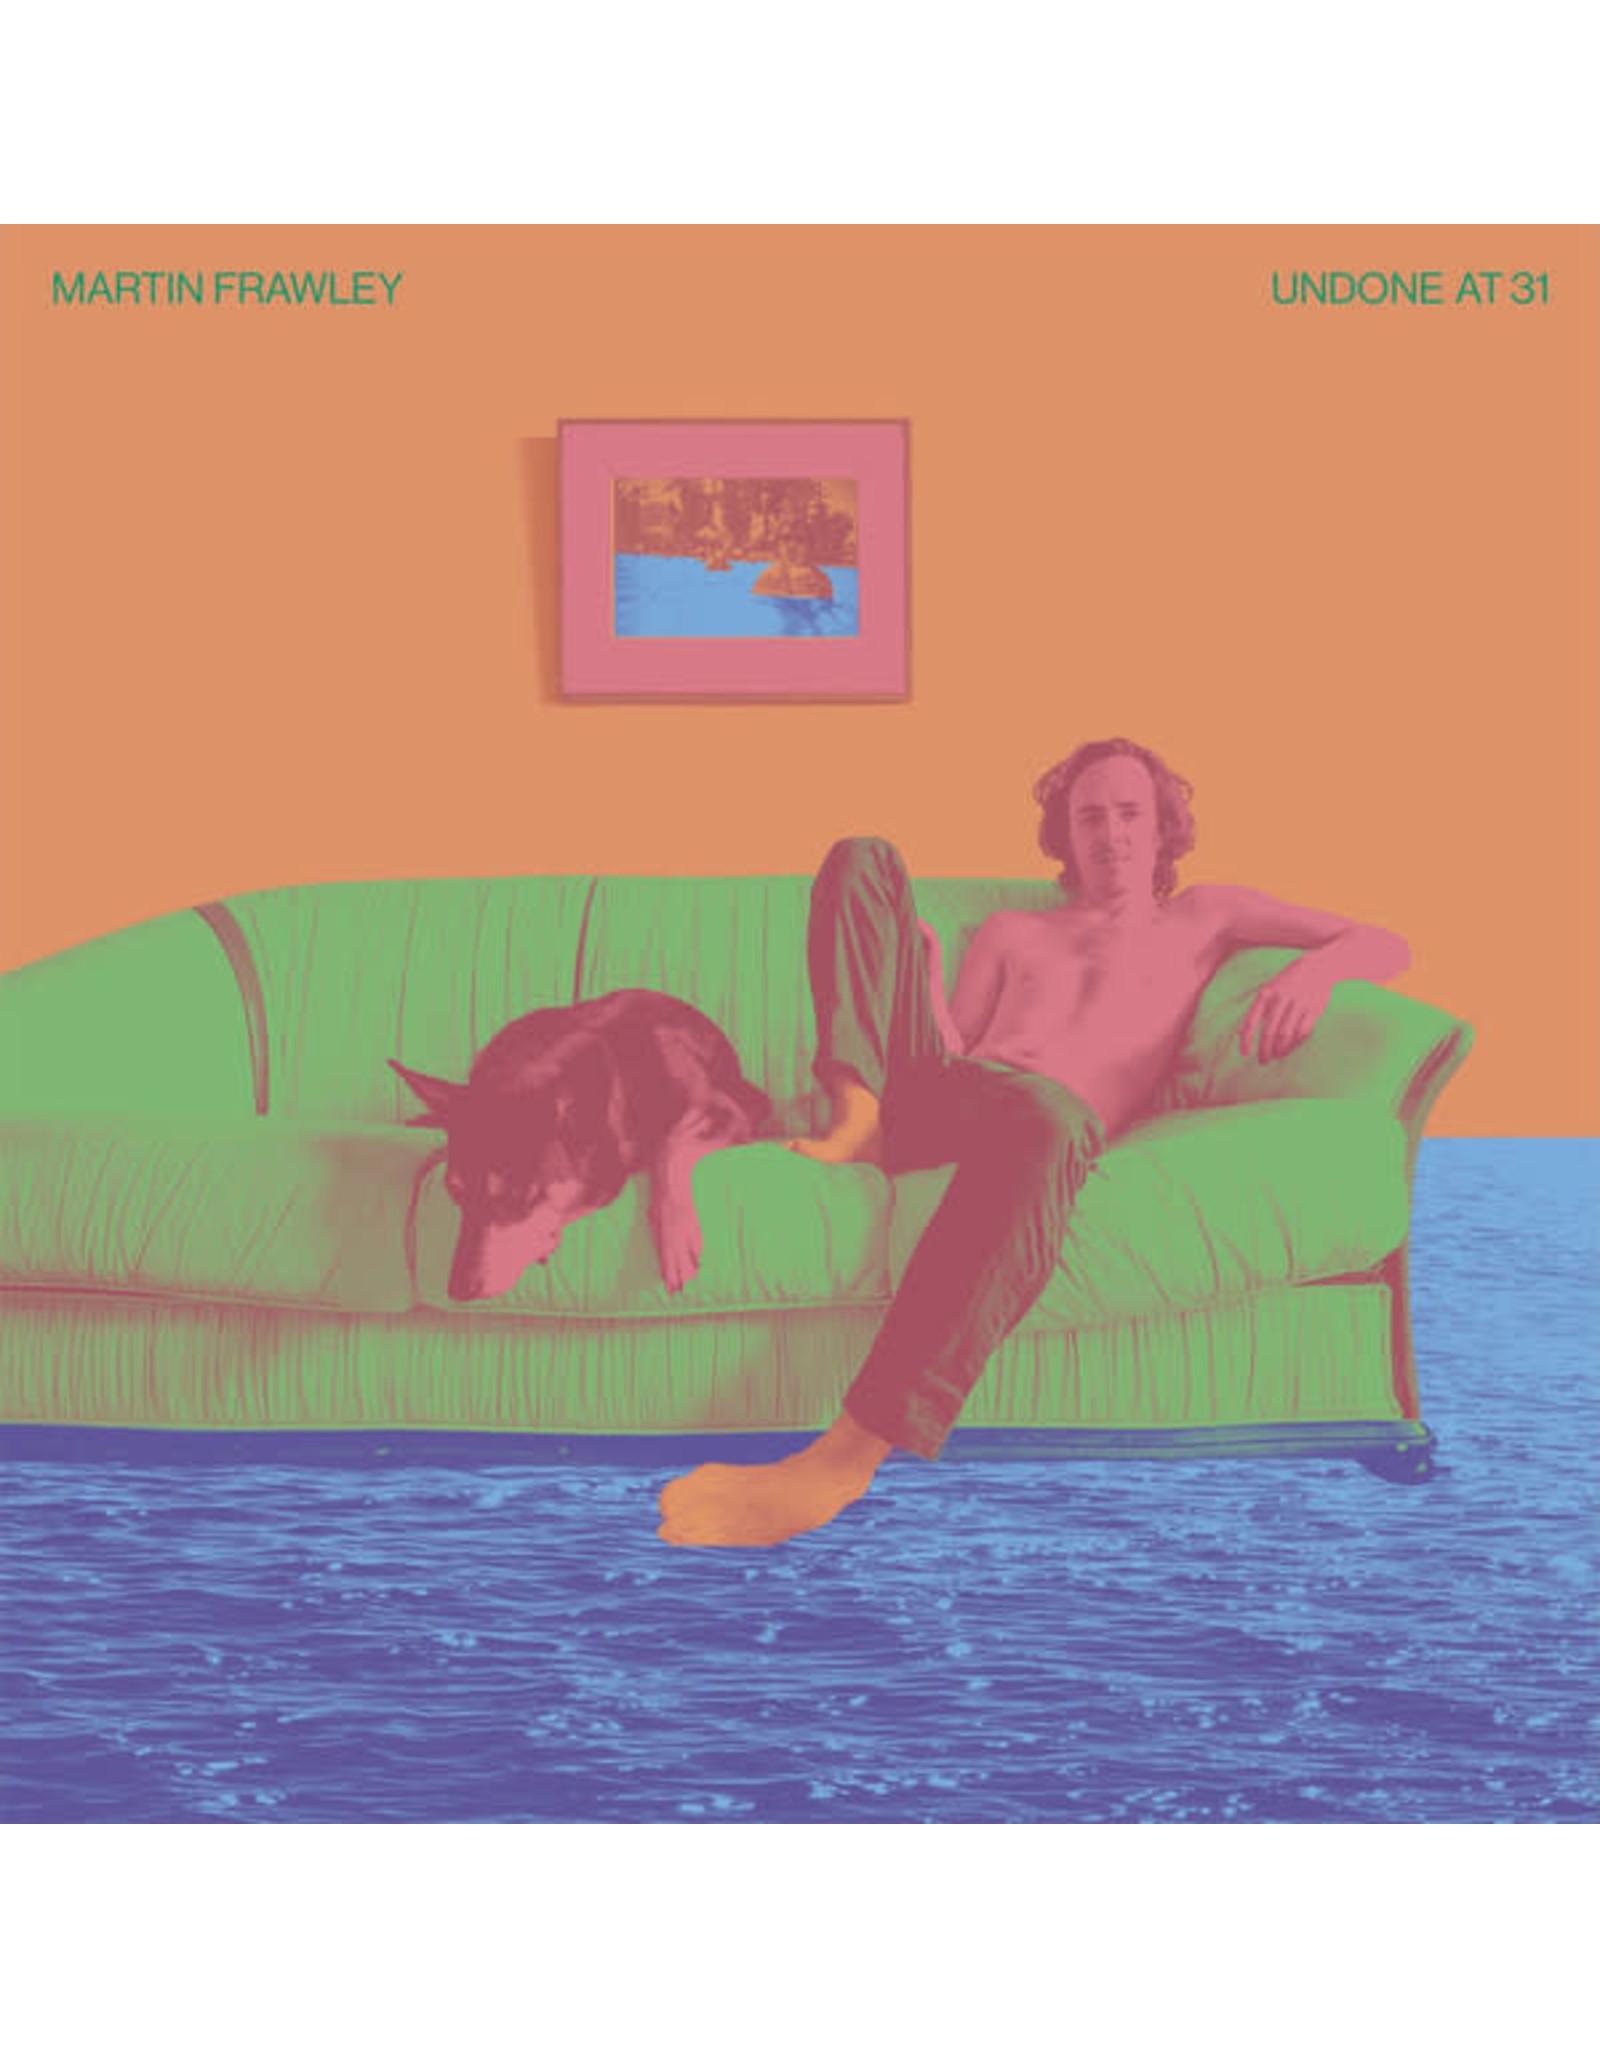 Frawley, Martin - Undone At 31 (Peak vinyl ltd blue-white vinyl)